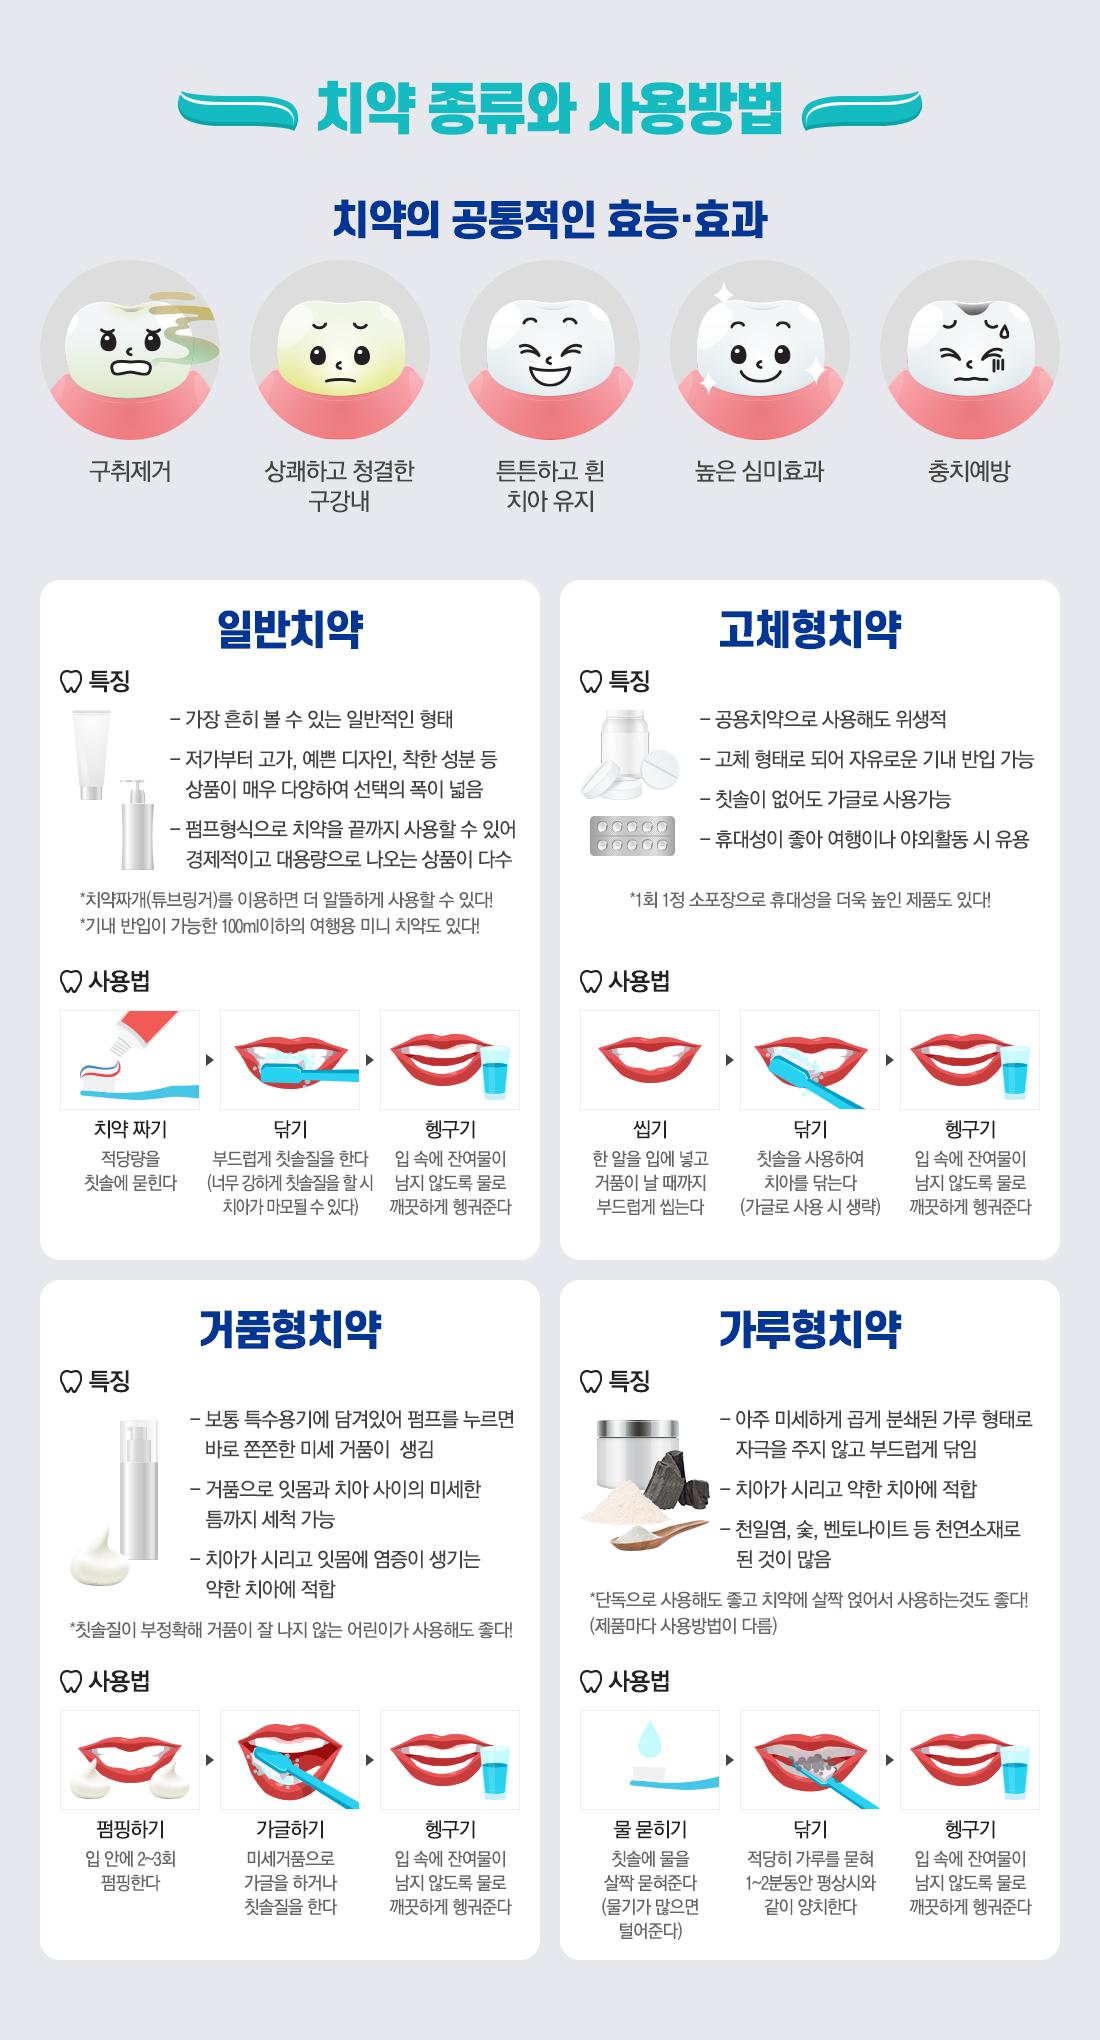 치약 종류와 사용방법